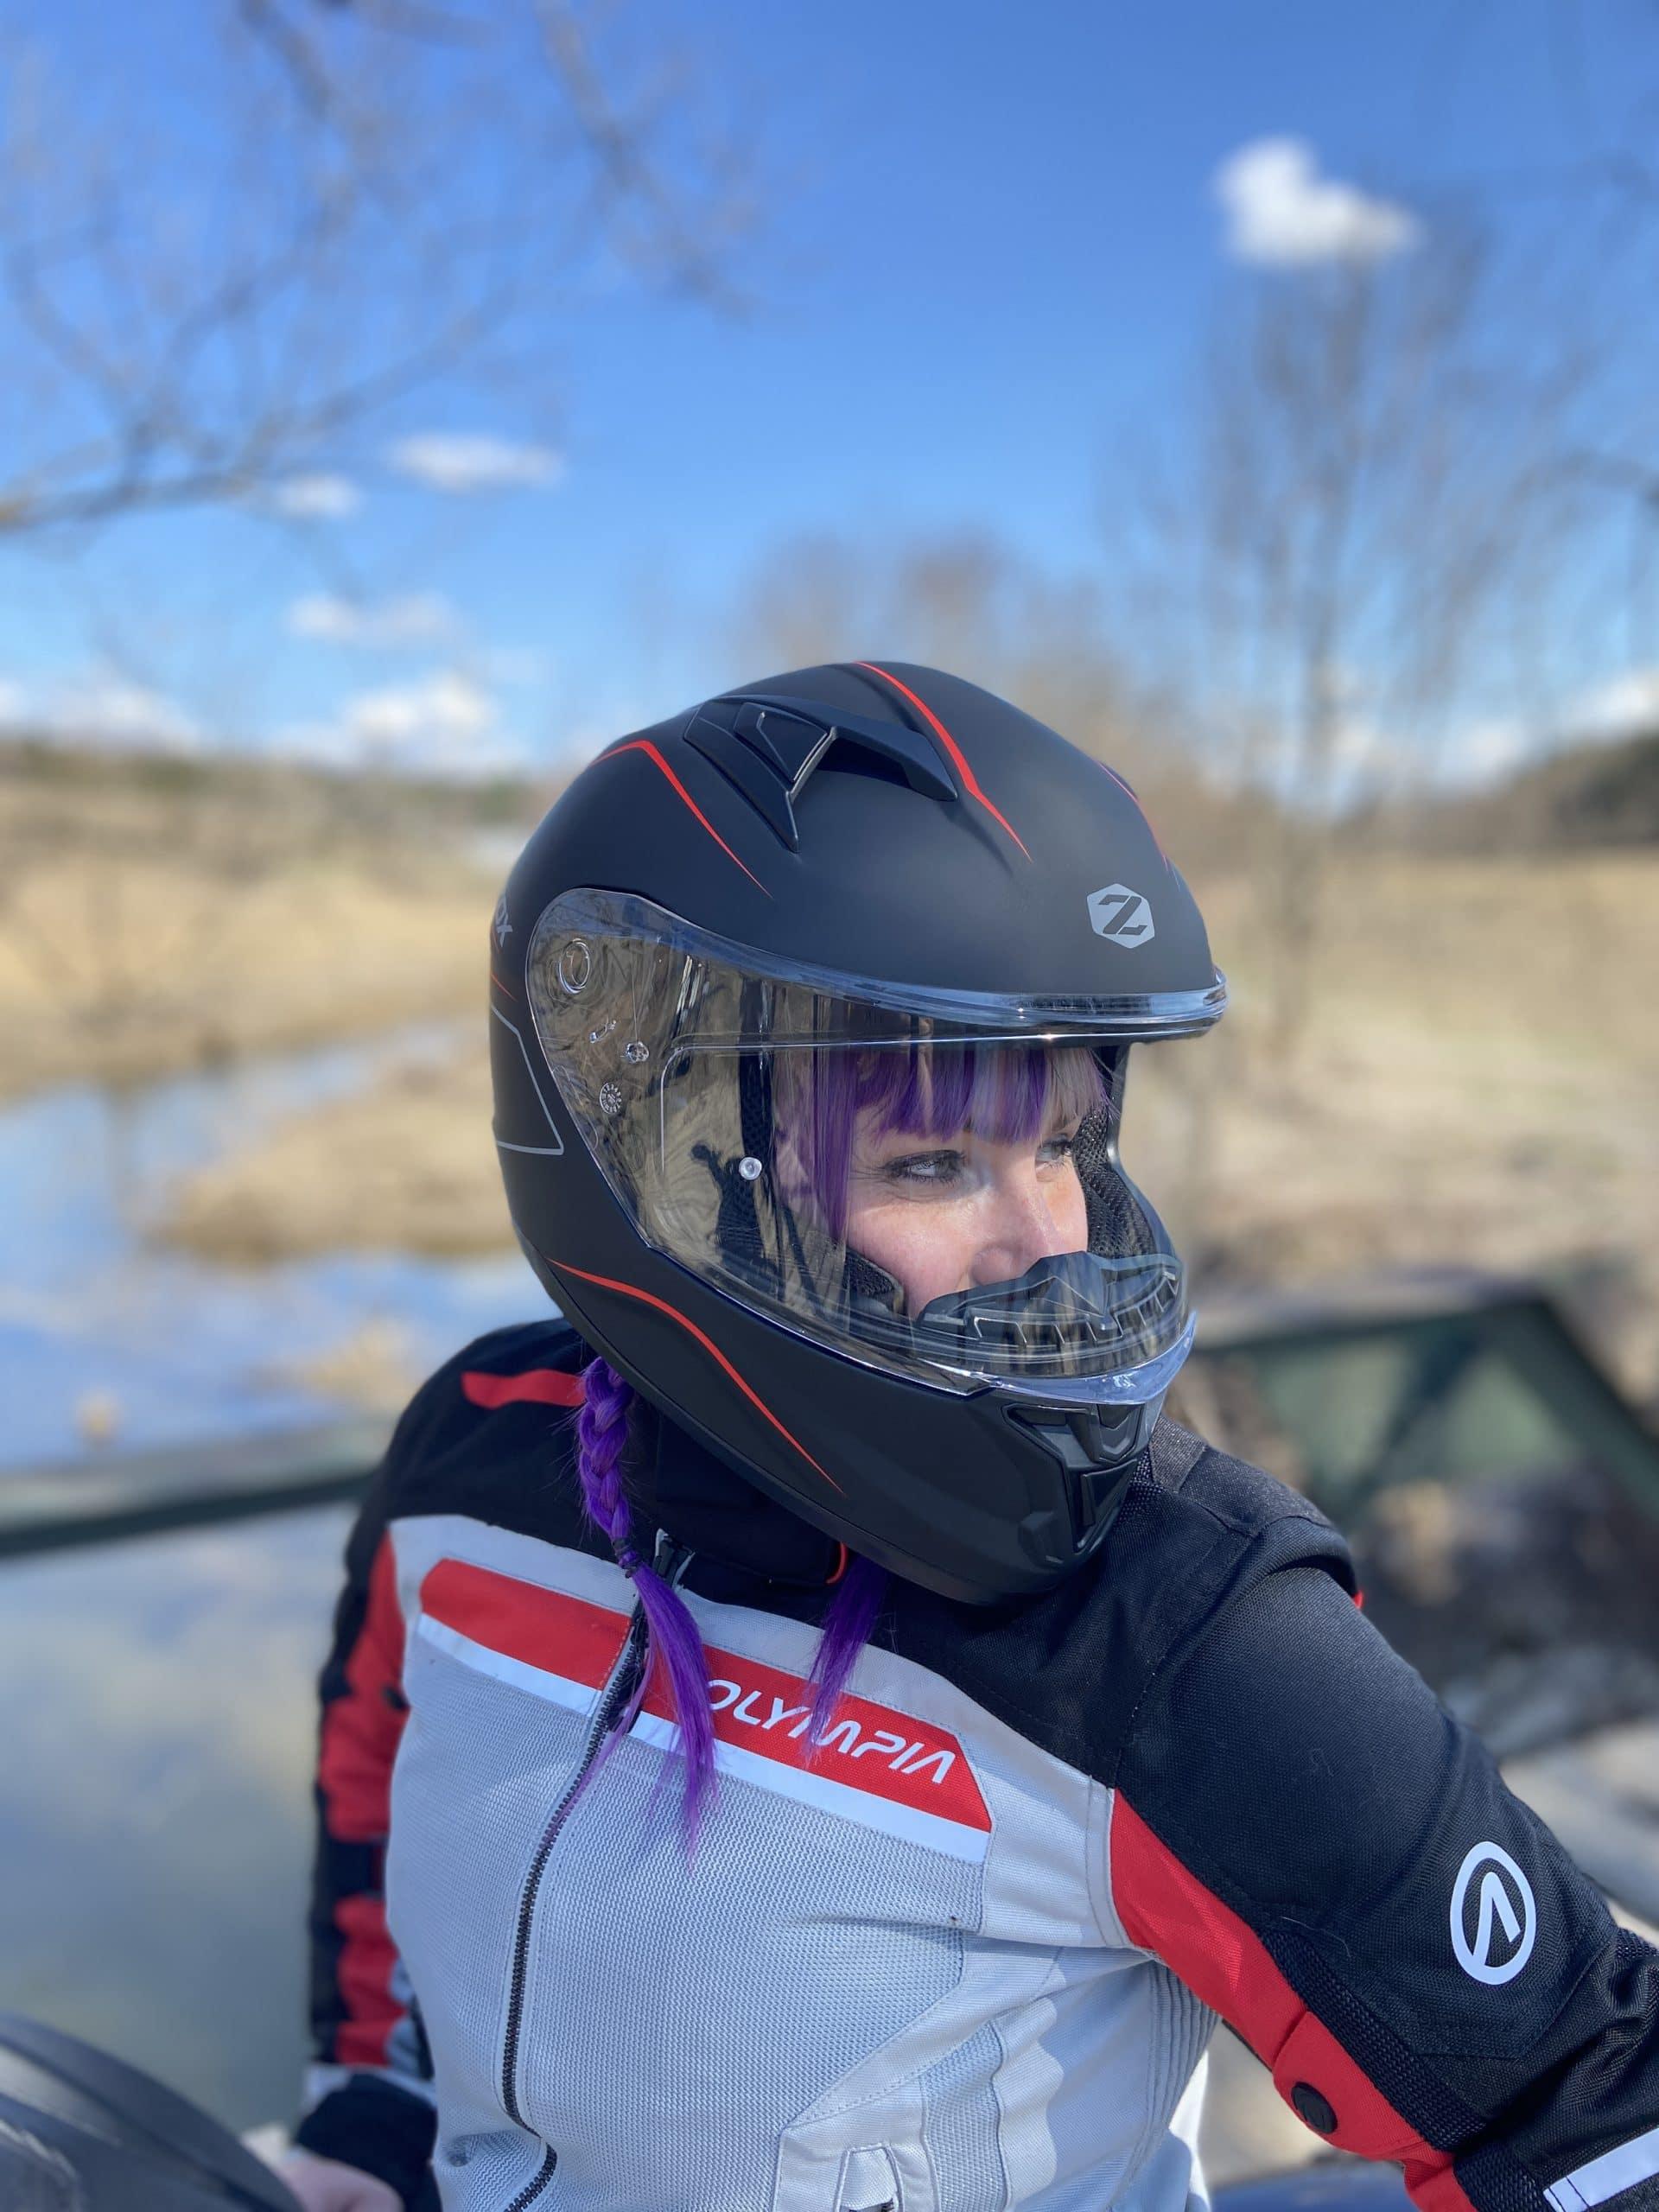 Emi testing the Zox Zenith Monza Helmet. Looking good!